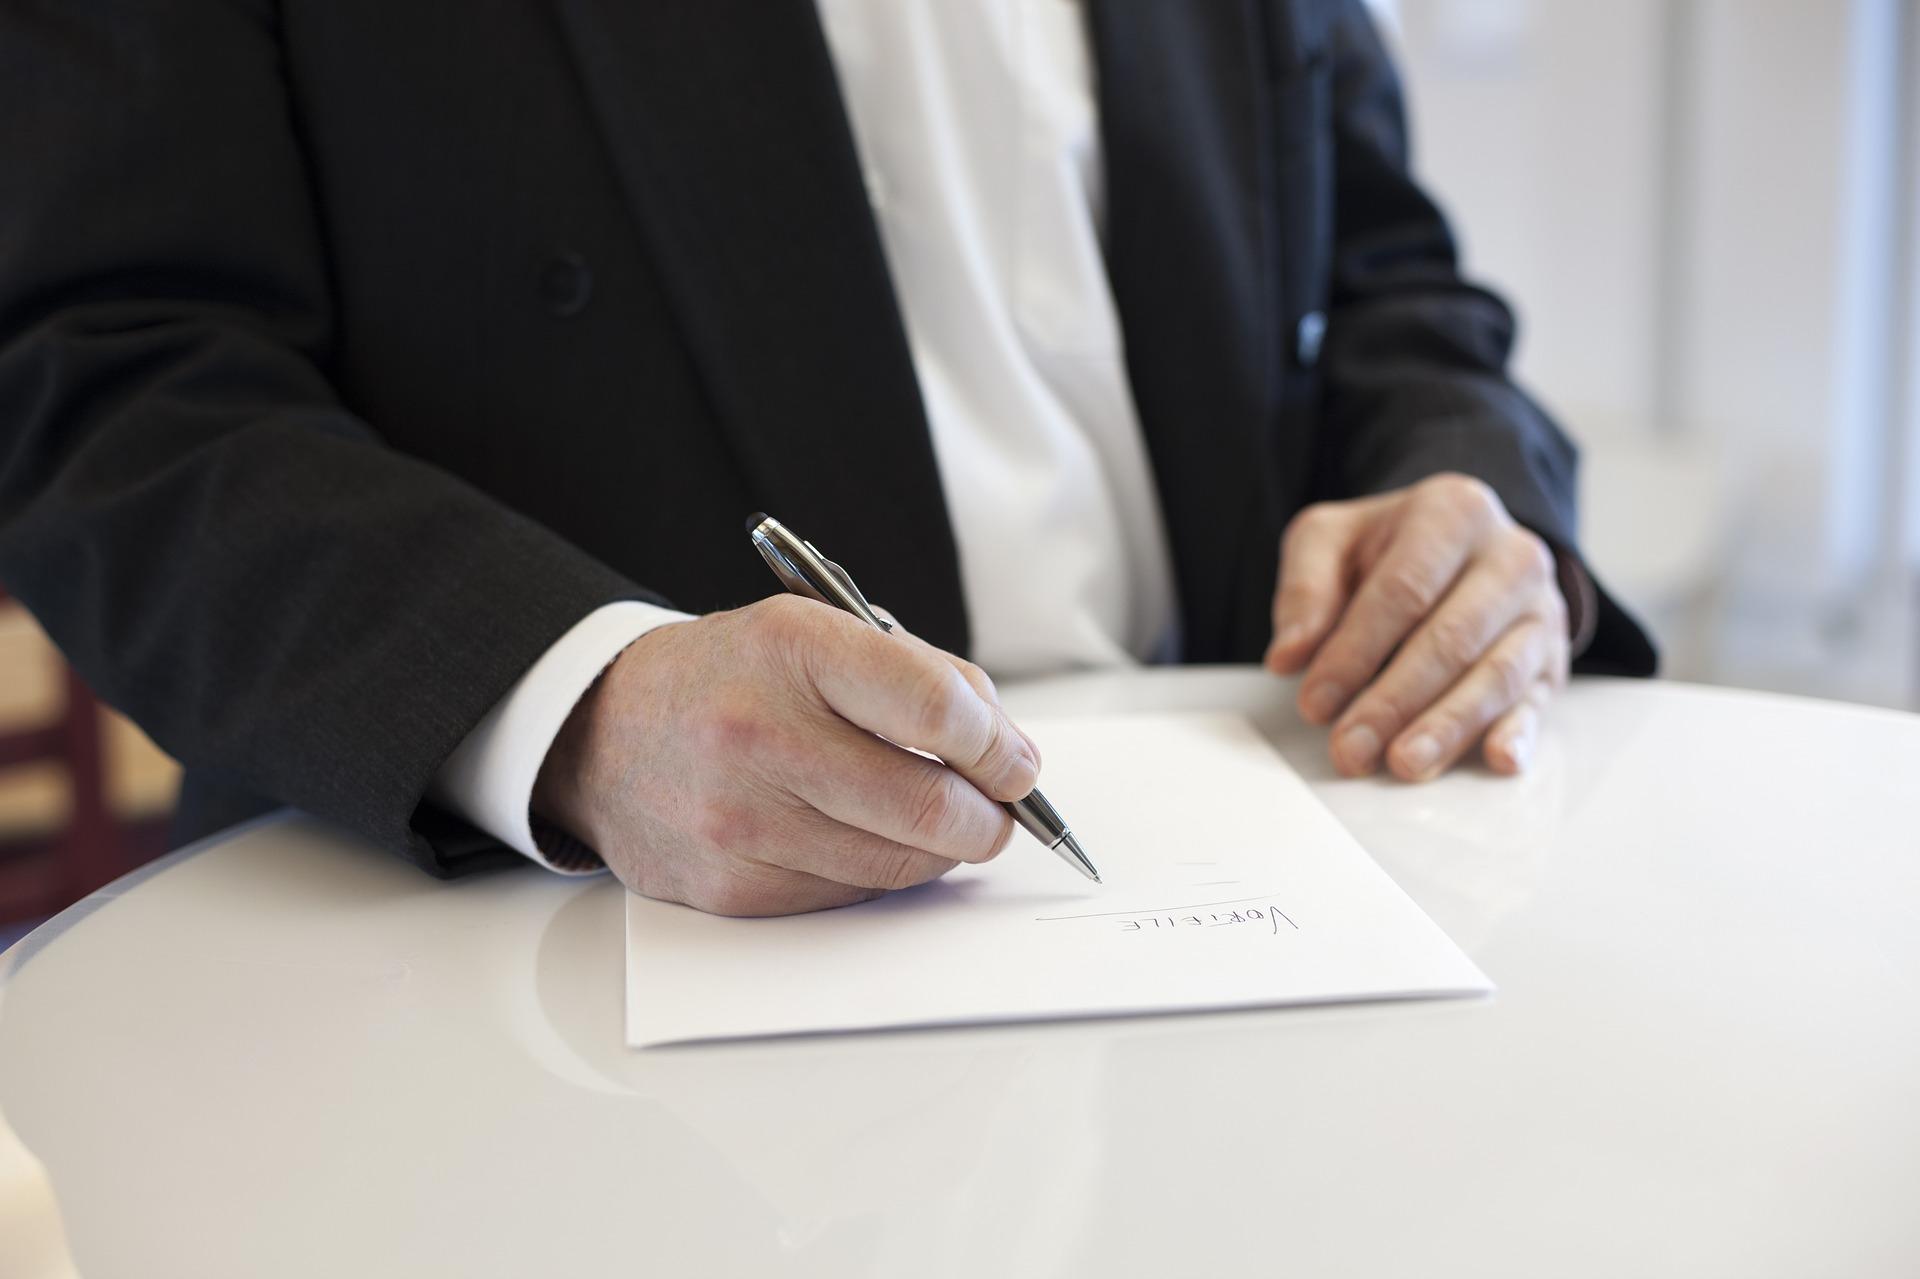 Análisis grafológico de firmas manuscritas